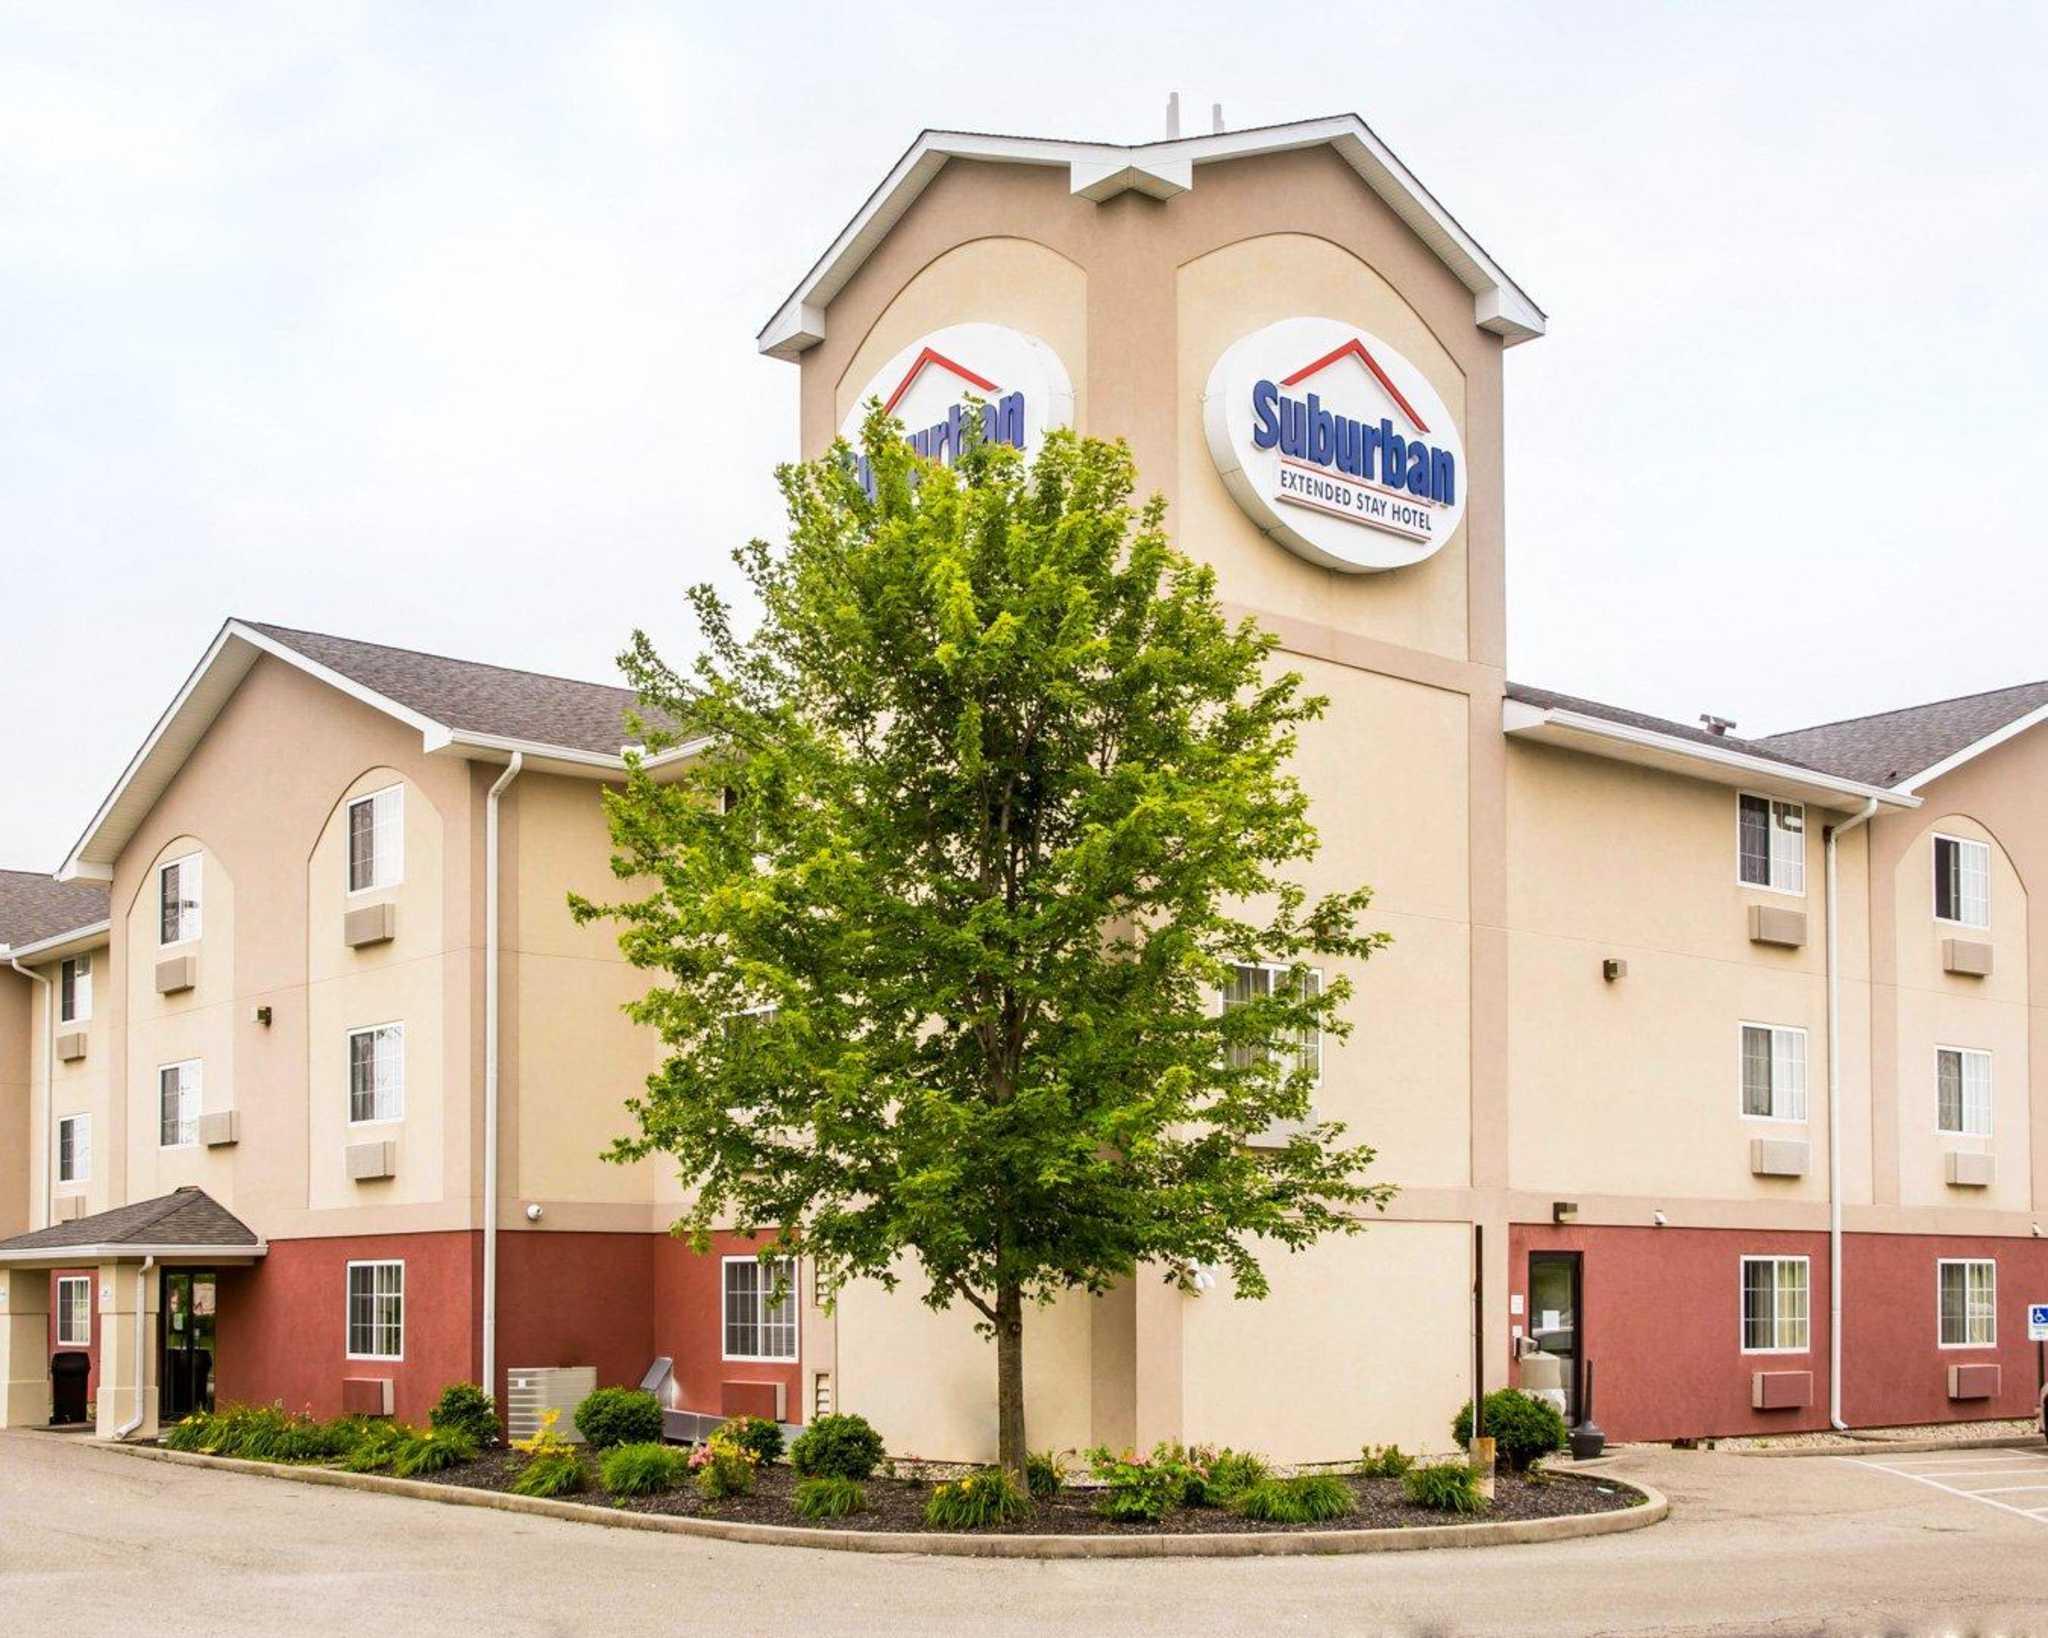 Suburban Extended Stay Hotel Dayton-WP AFB image 0